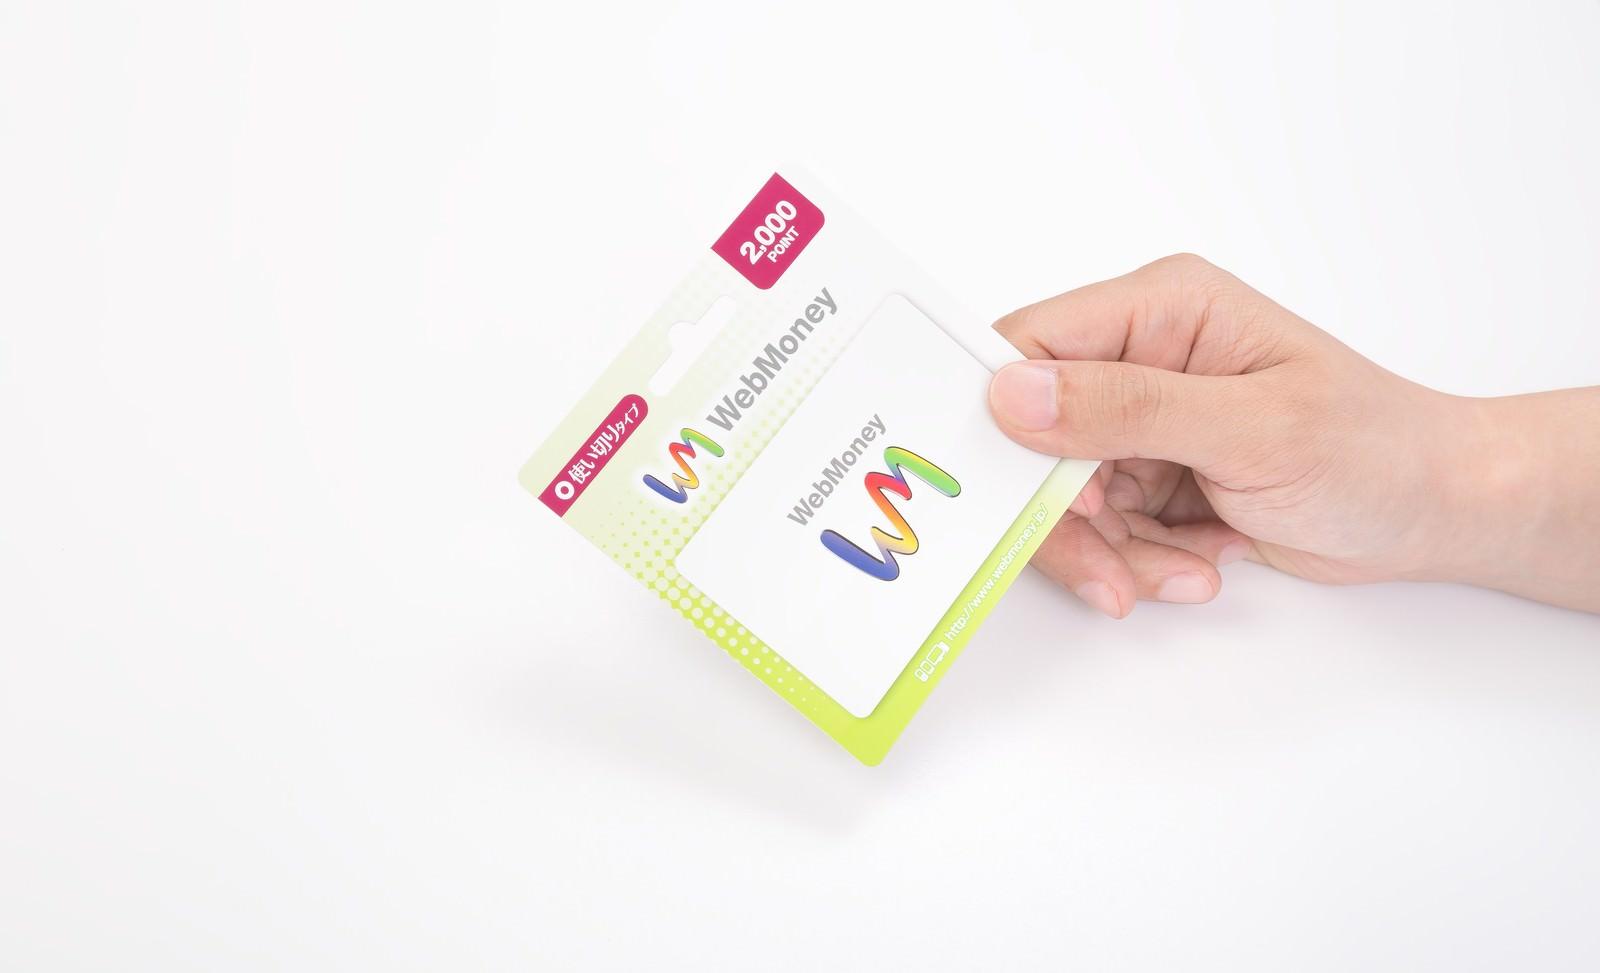 「ウェブマネー(使いきりタイプ)を持つ手」の写真